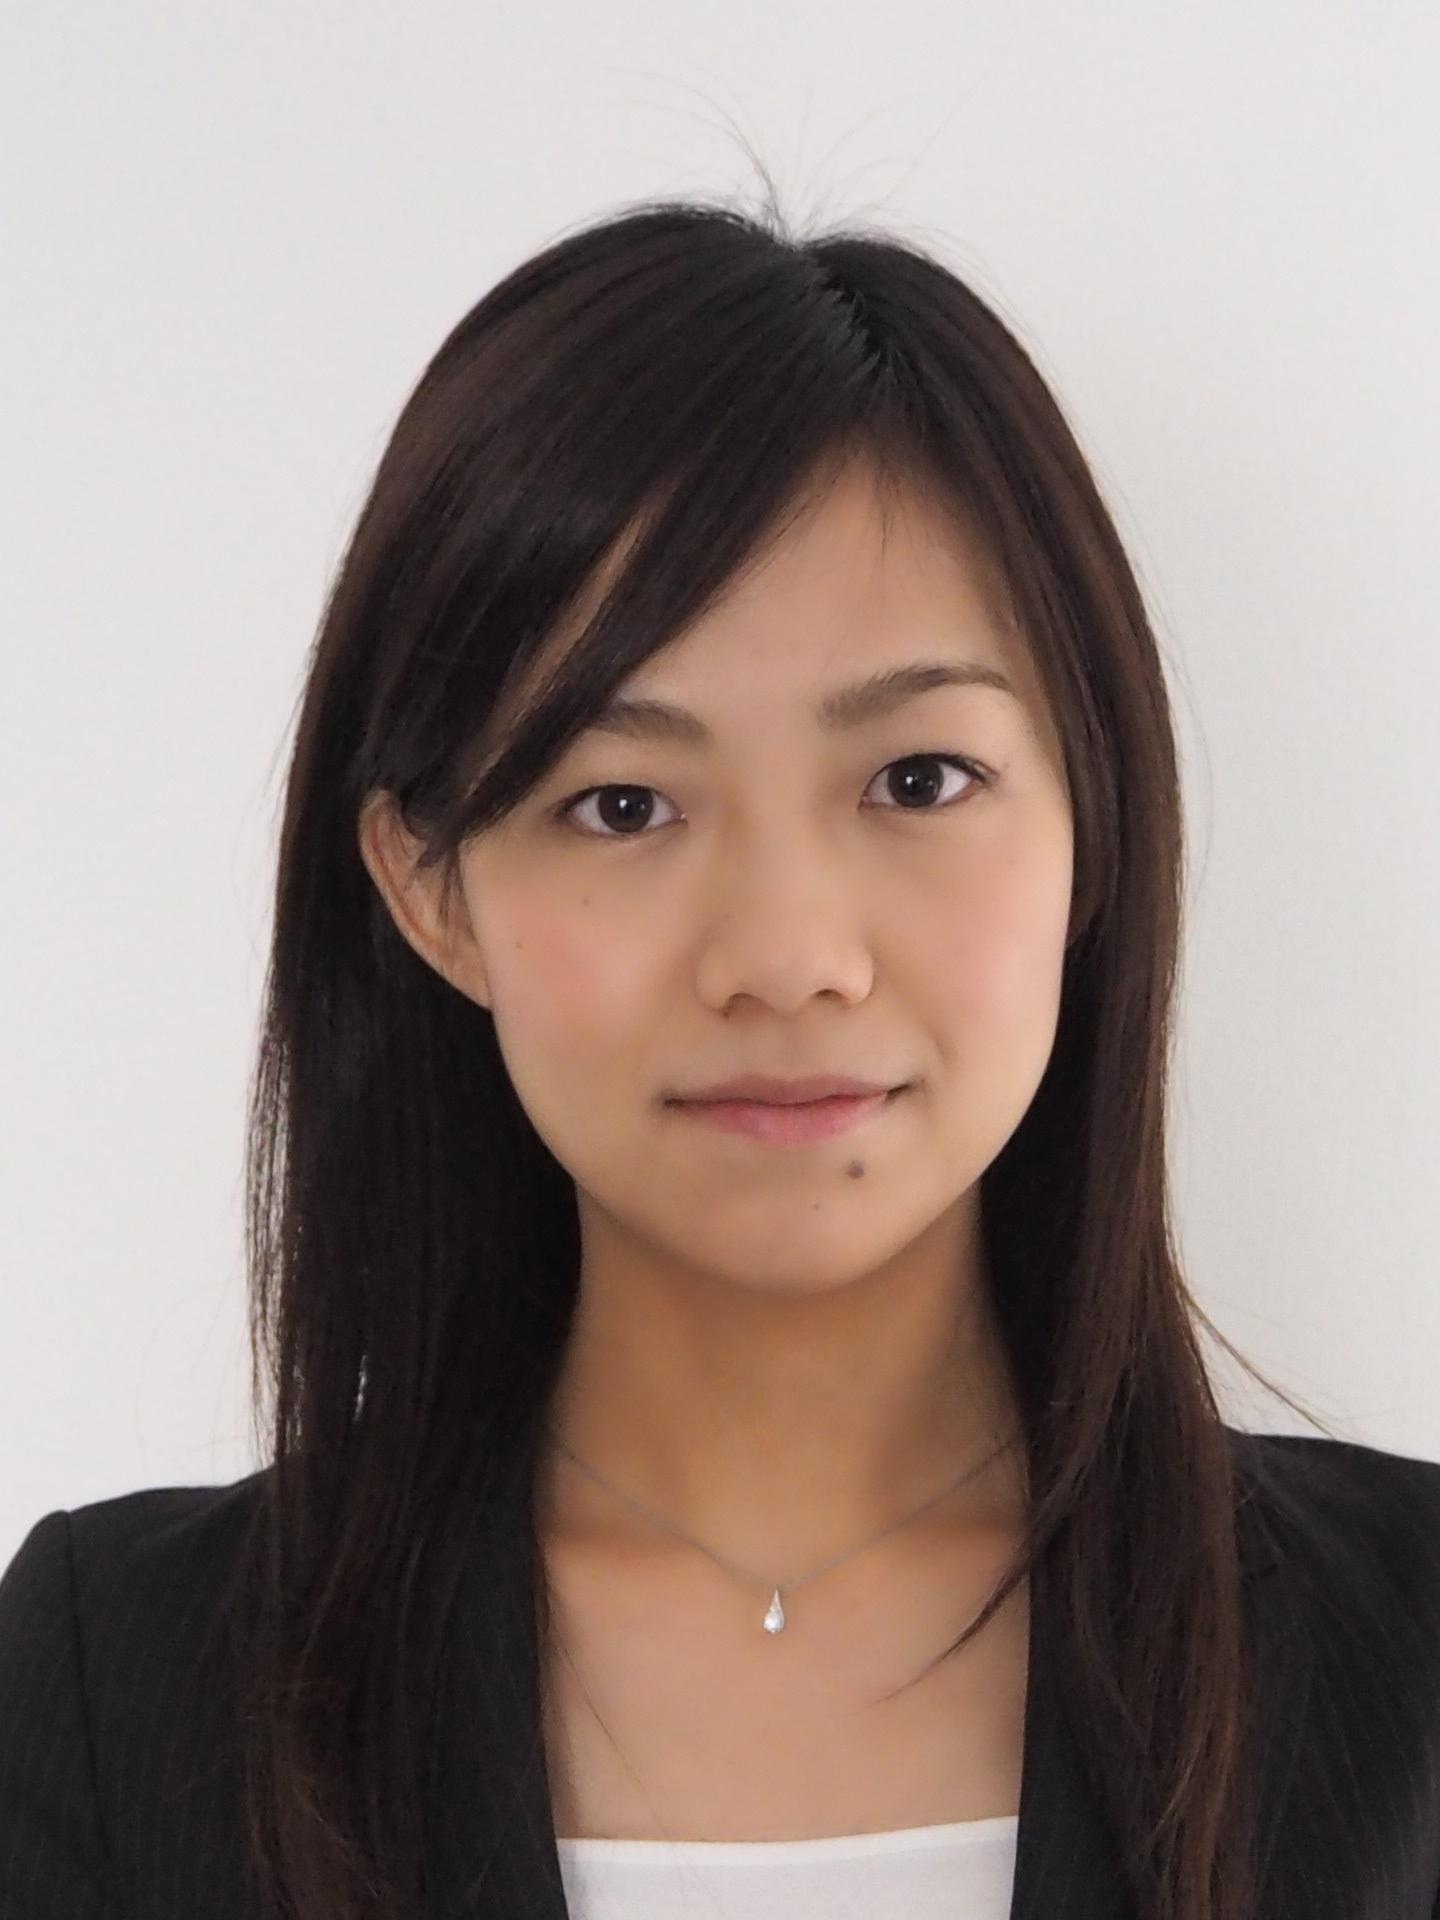 Suzuki Saaya Suzuyan Xvideos Pic